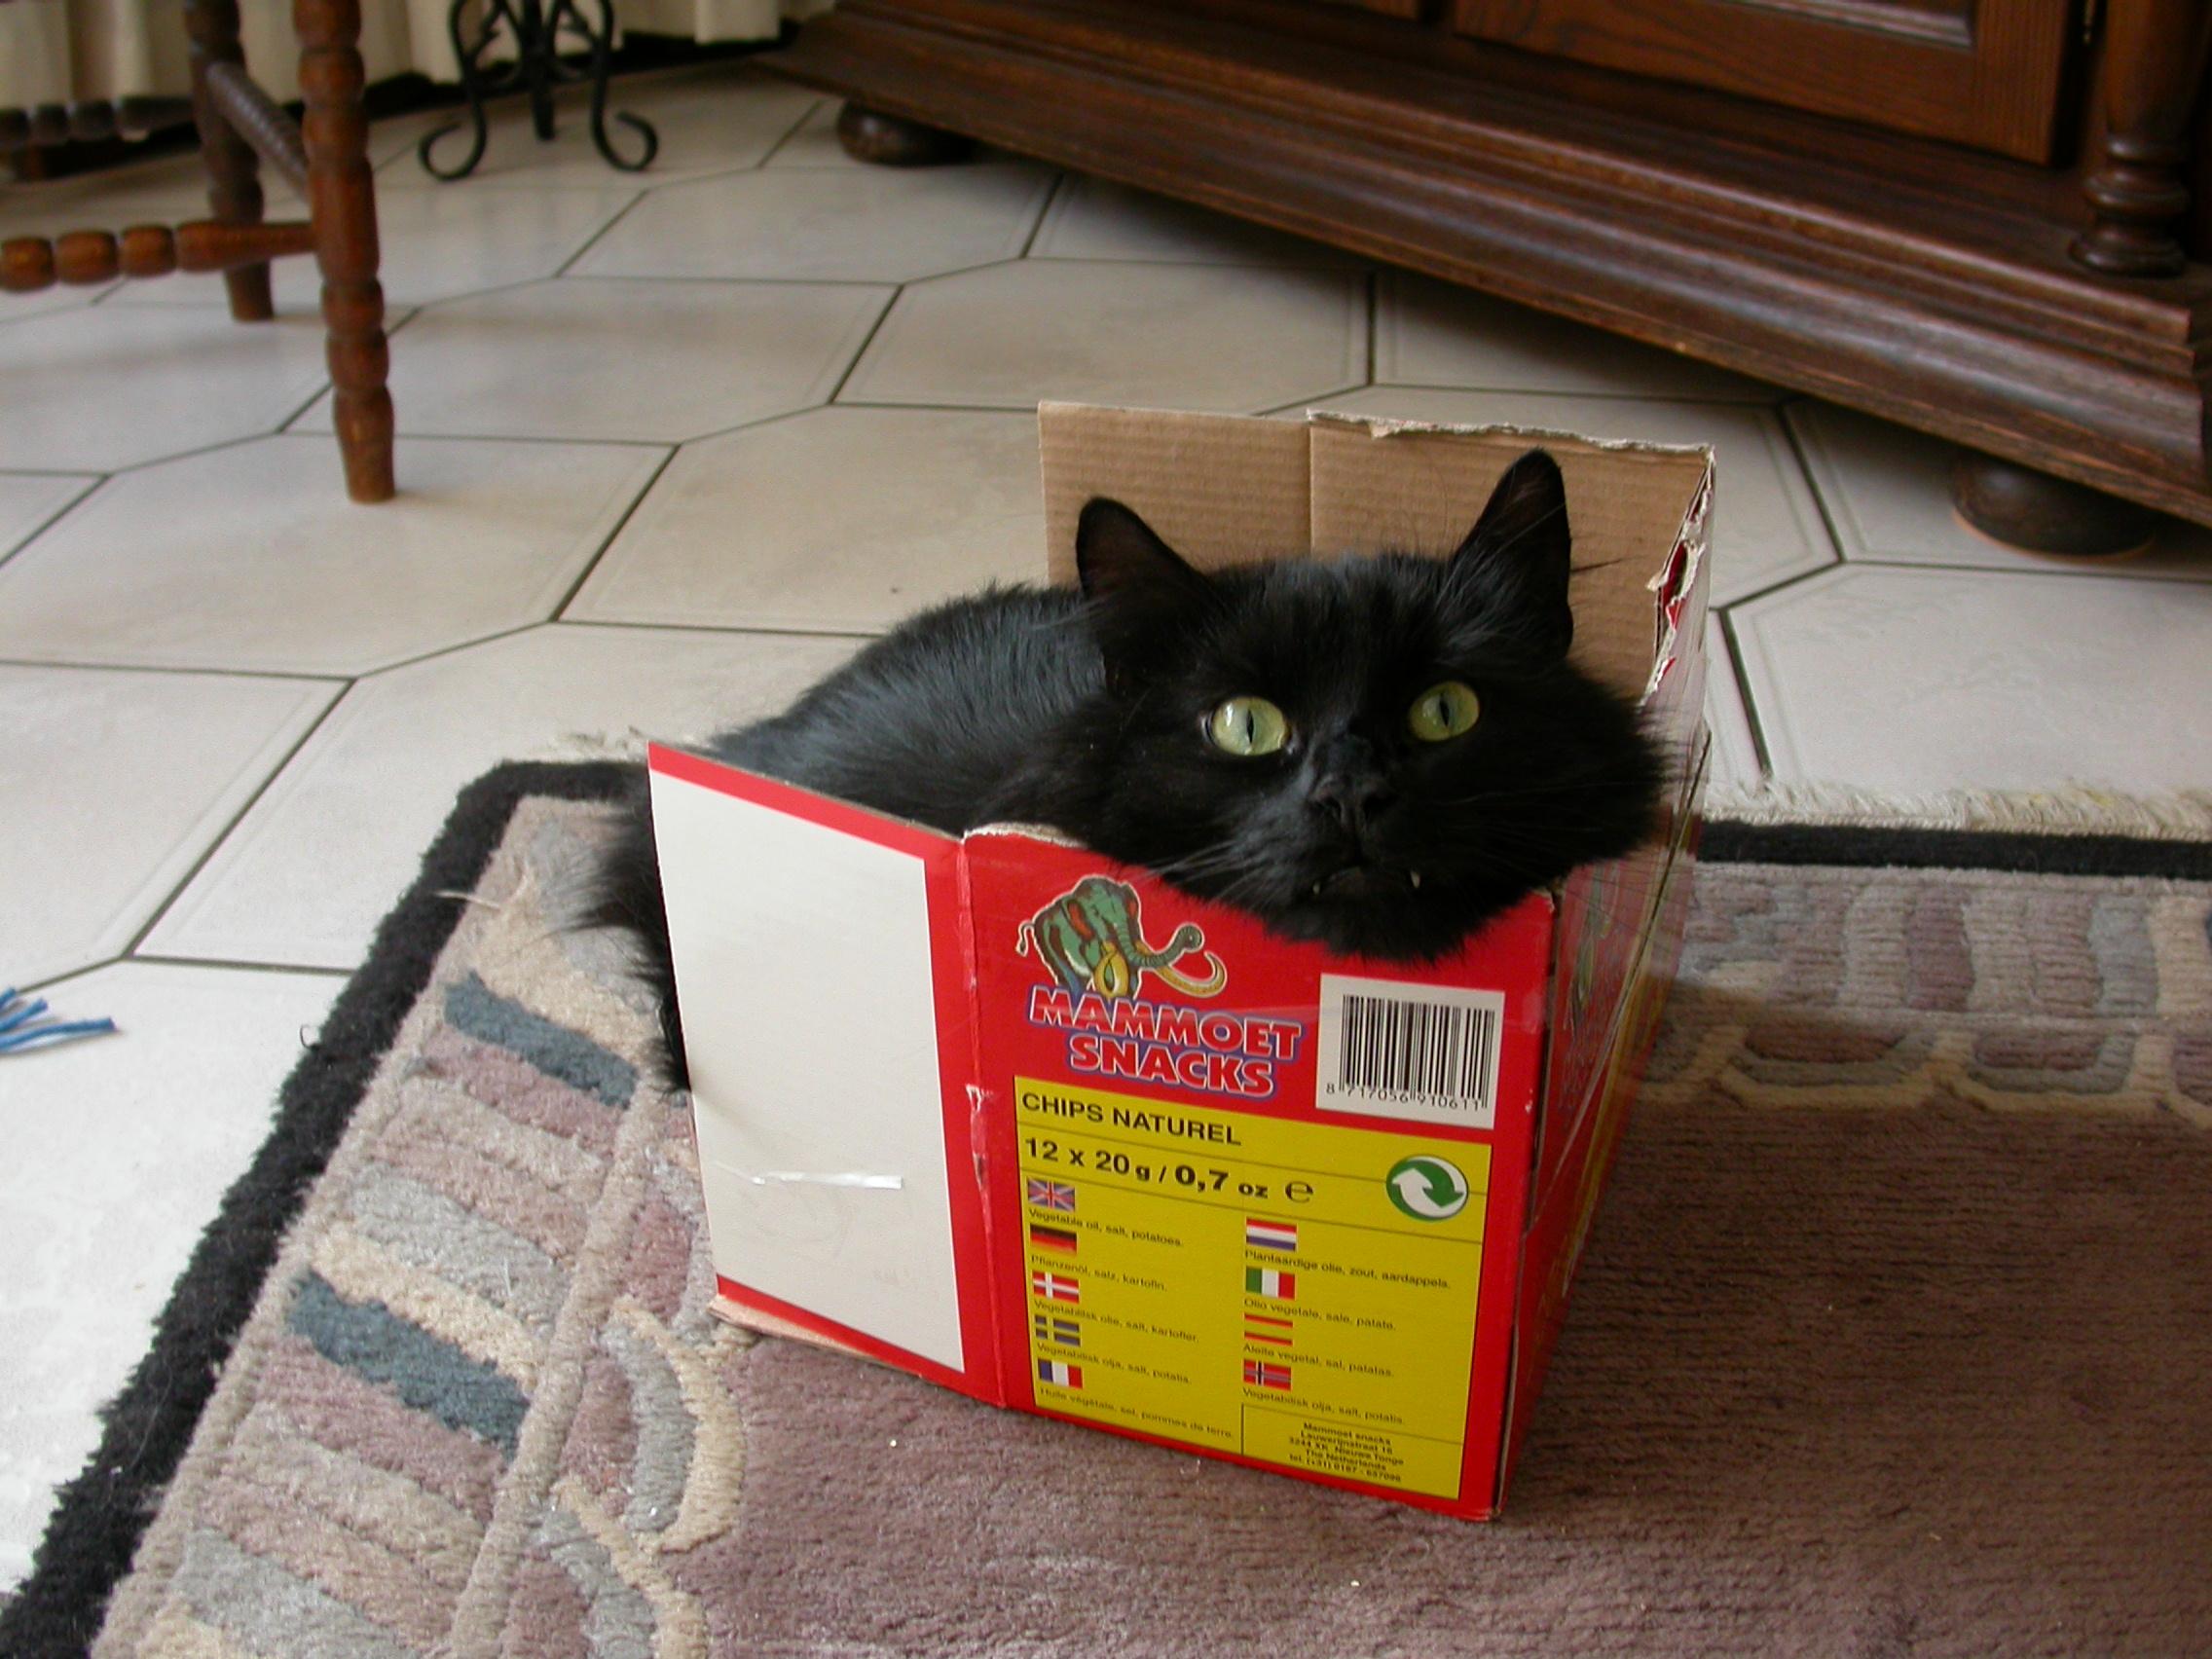 eccomi! mi sono nascosto qua dietro! non sono spiritoso??? (ehhh! te dico) dans gatti b17eva029